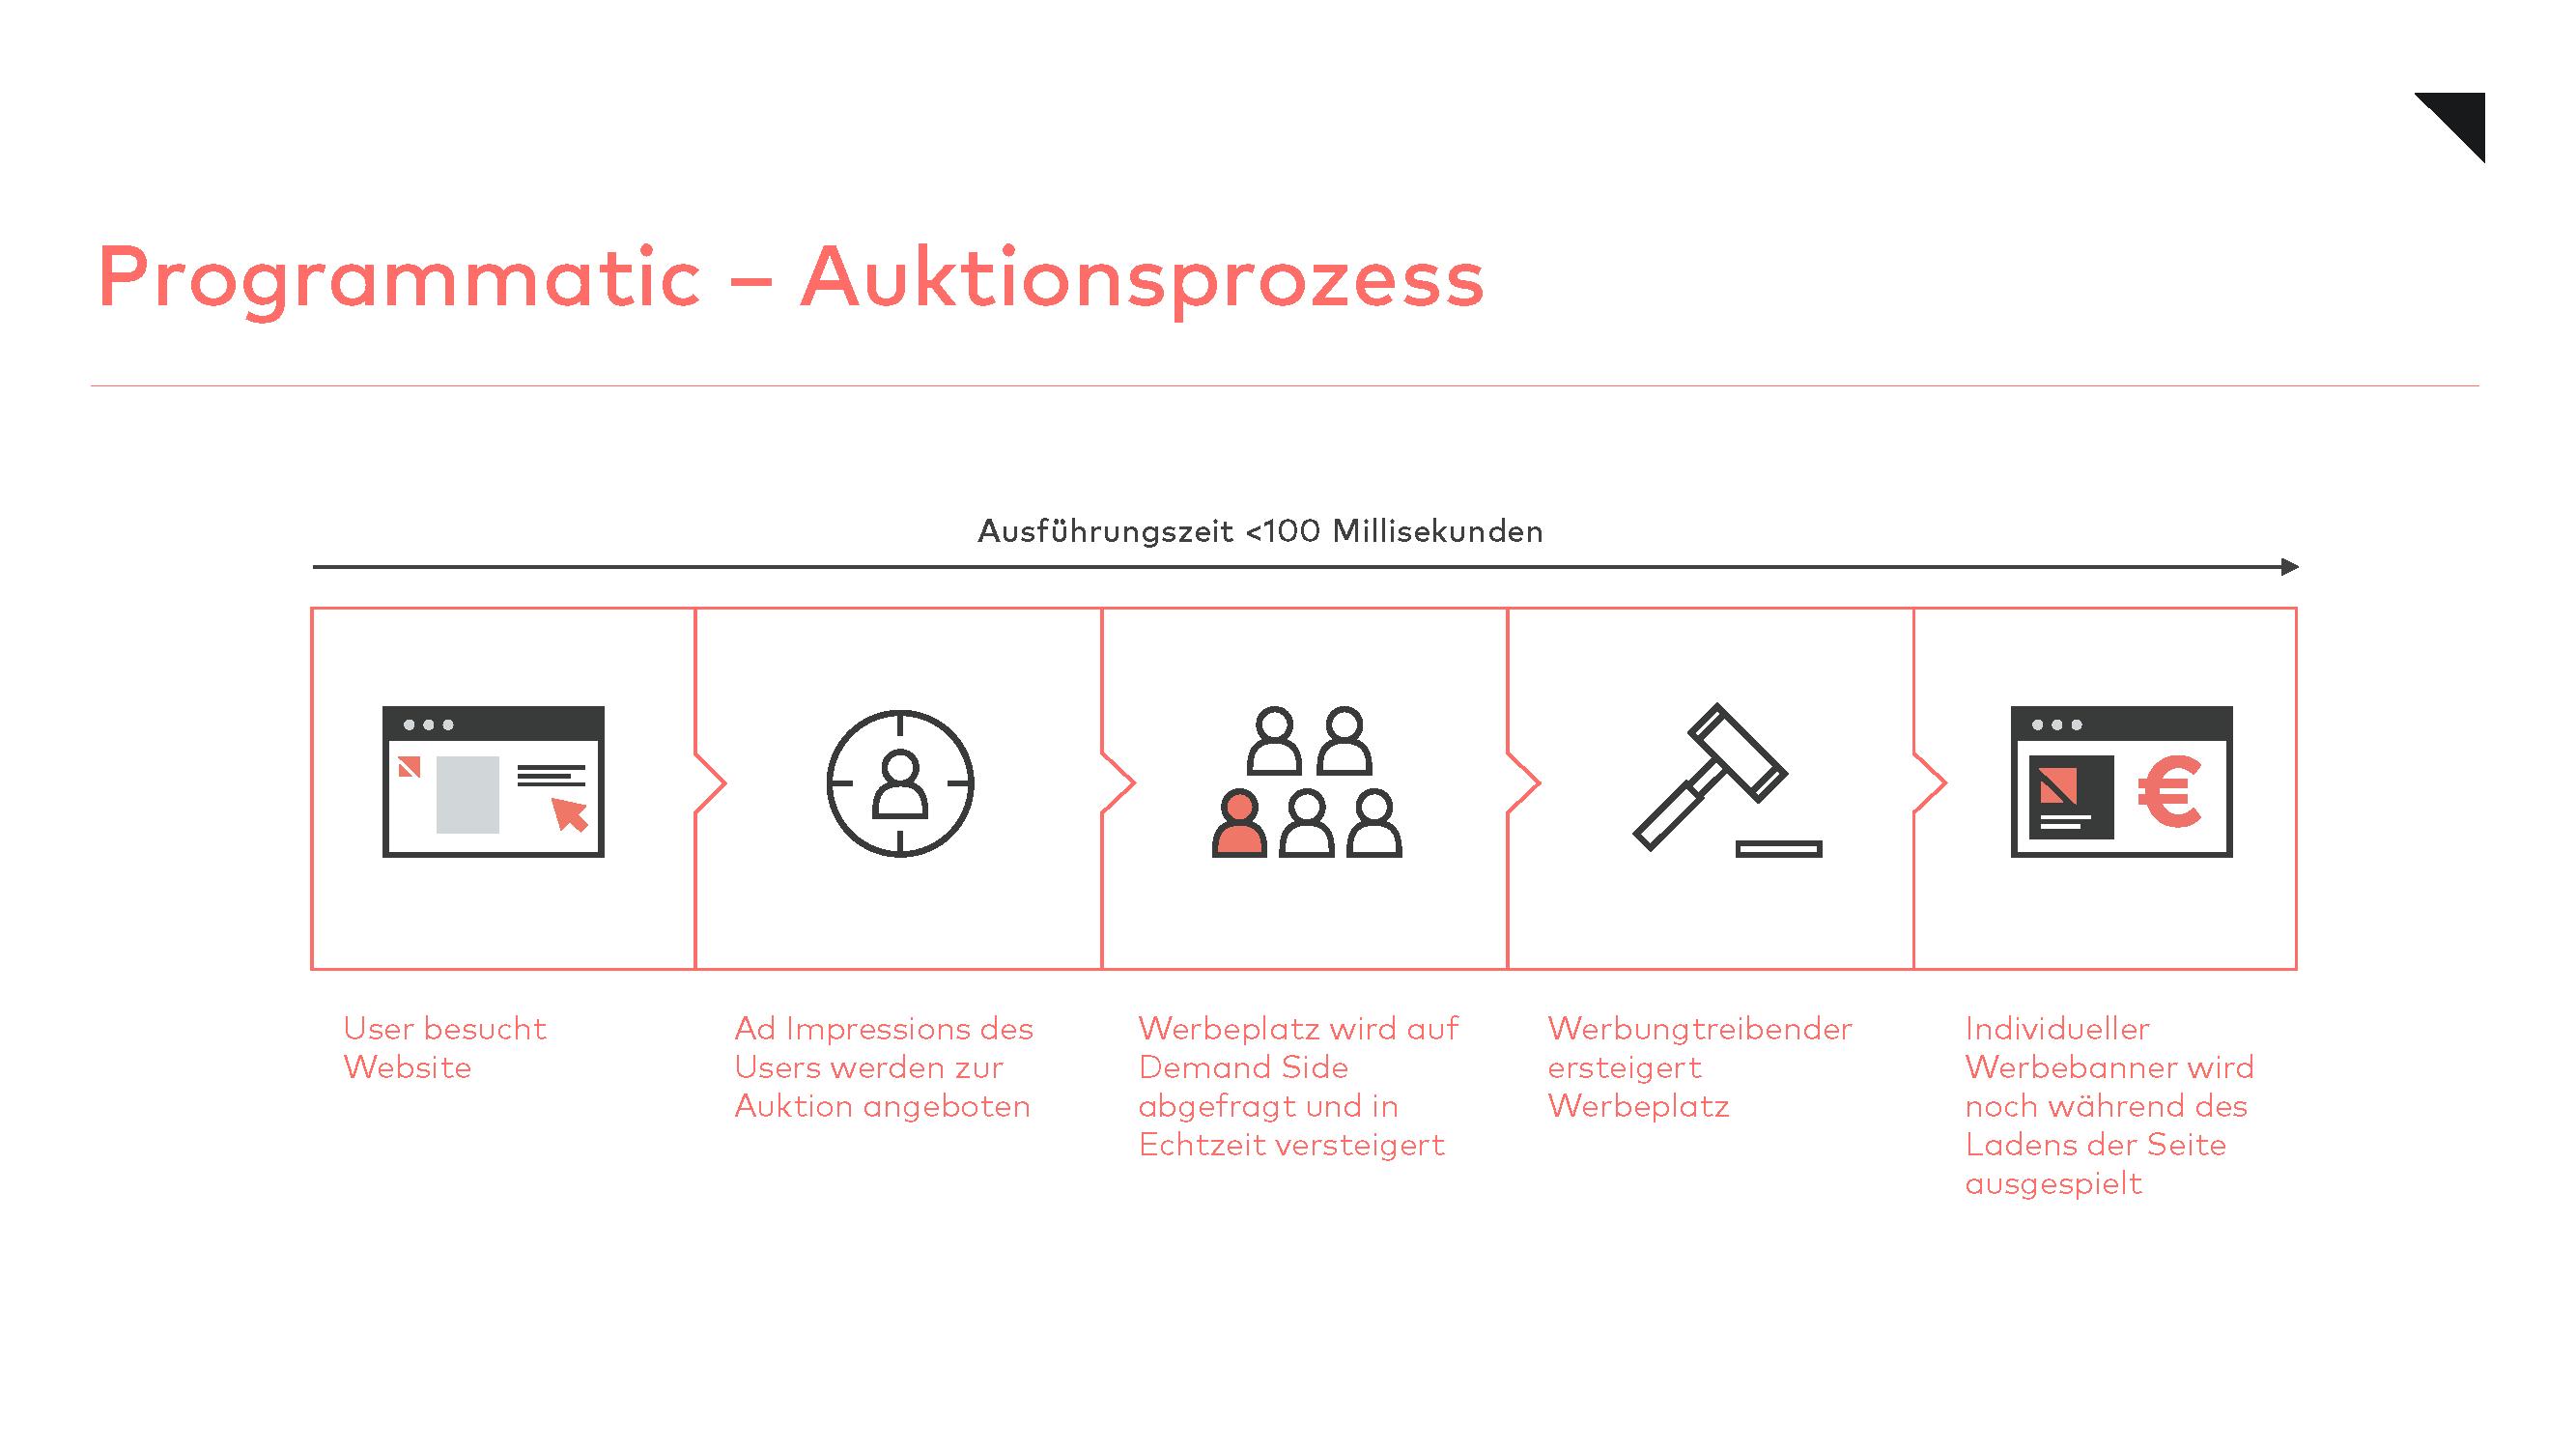 Programmatic Auktionsprozess